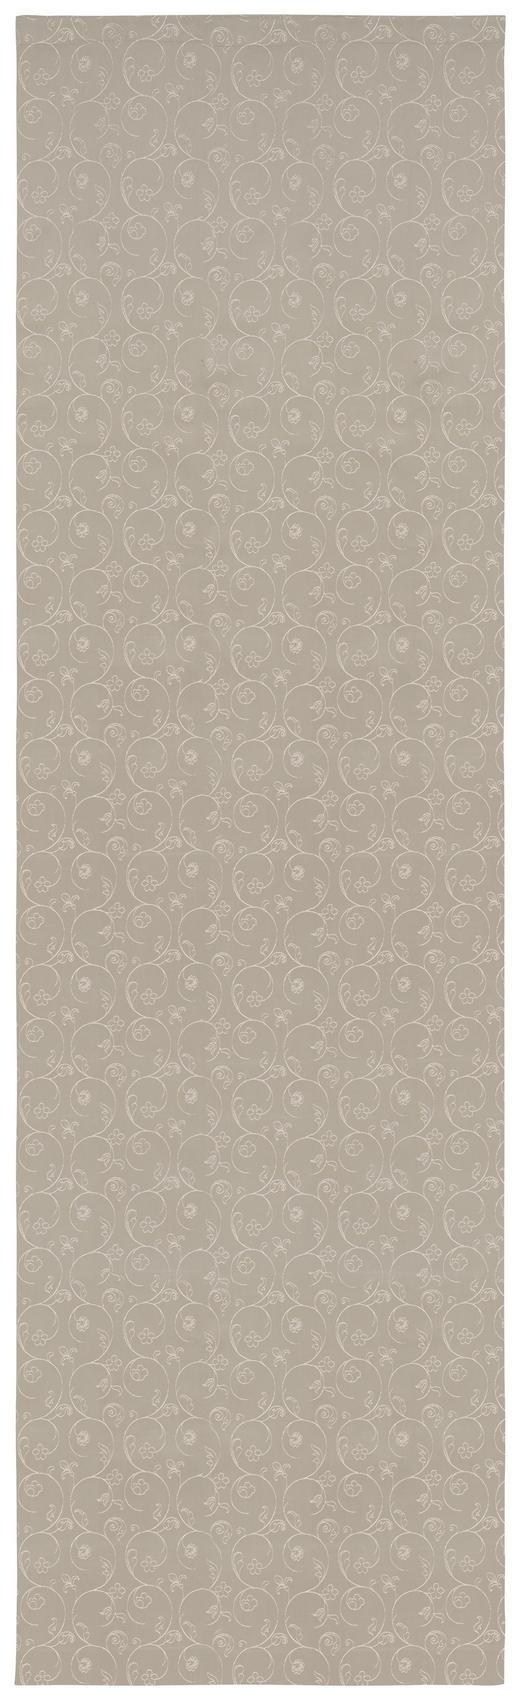 TISCHLÄUFER Textil Damast Beige, Grau 40/140 cm - Beige/Grau, LIFESTYLE, Textil (40/140cm) - Curt Bauer